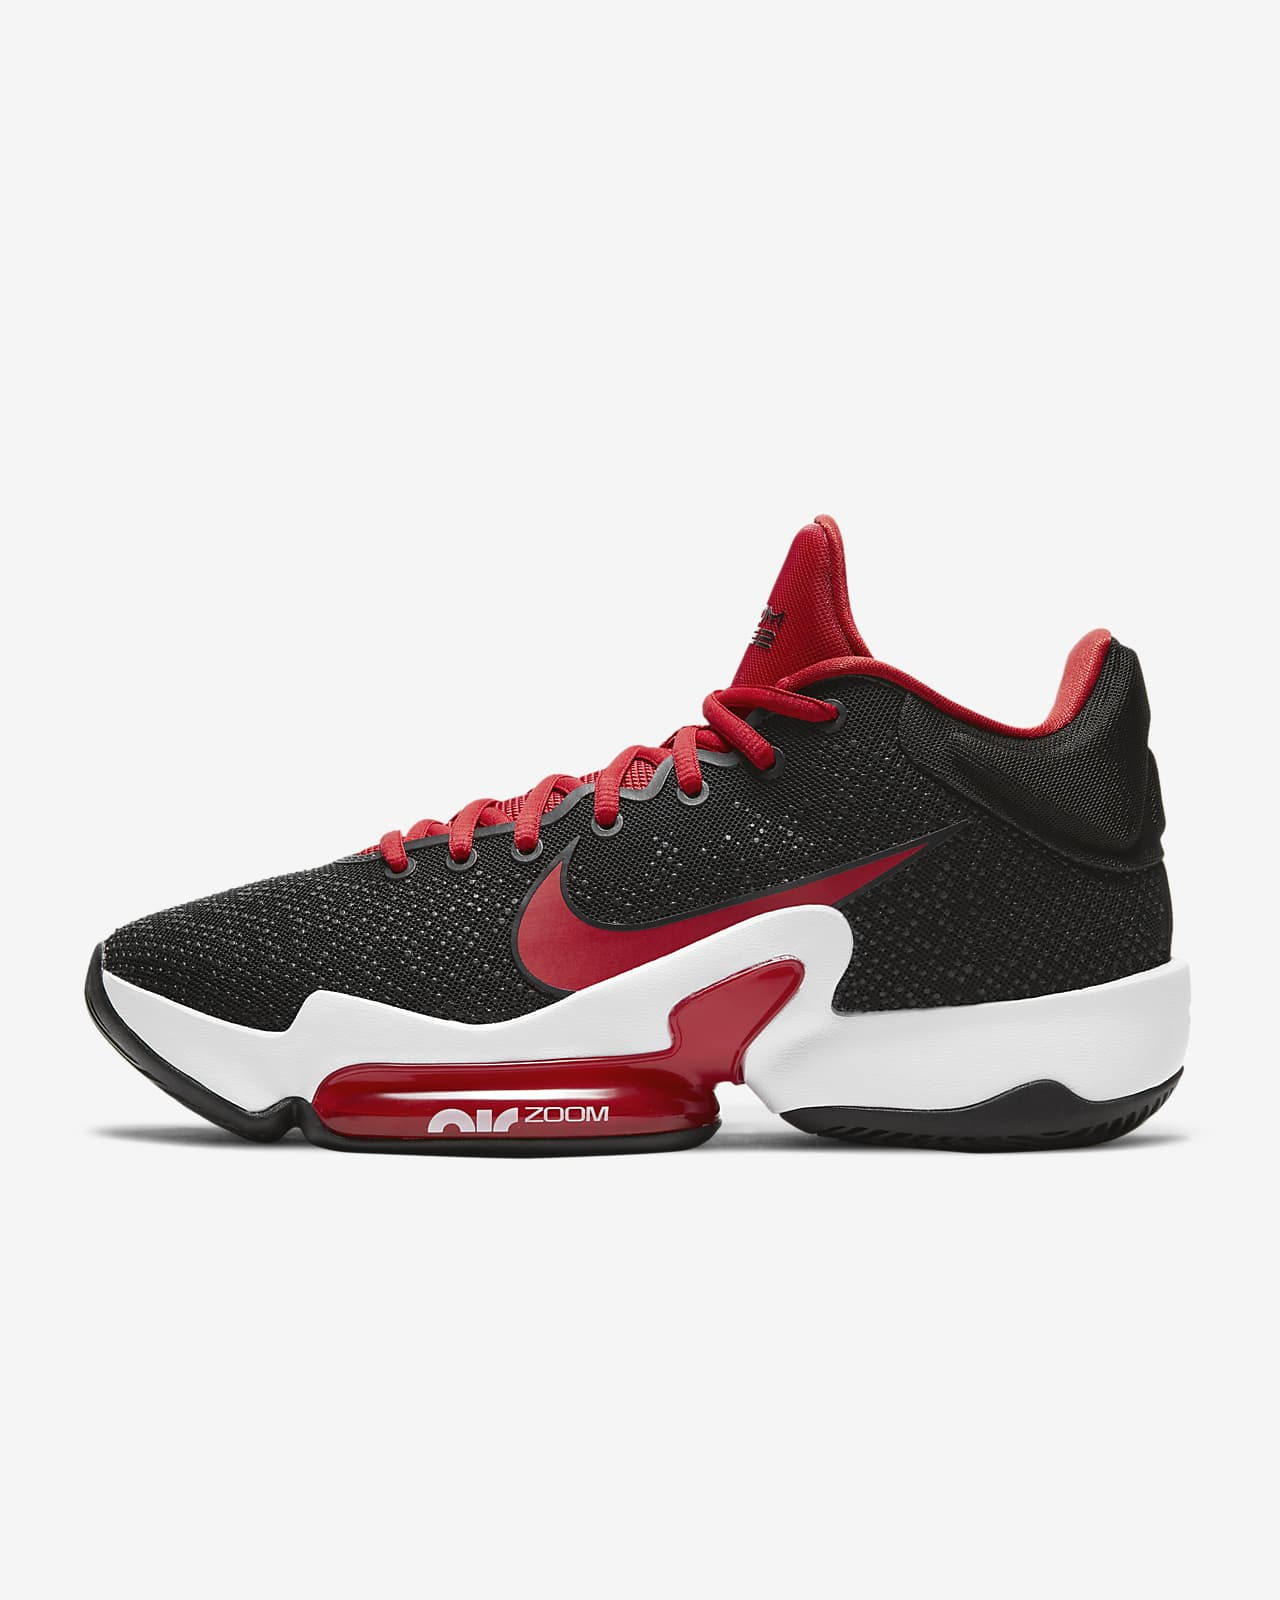 Nike Zoom Rize 2 Basketball Shoe